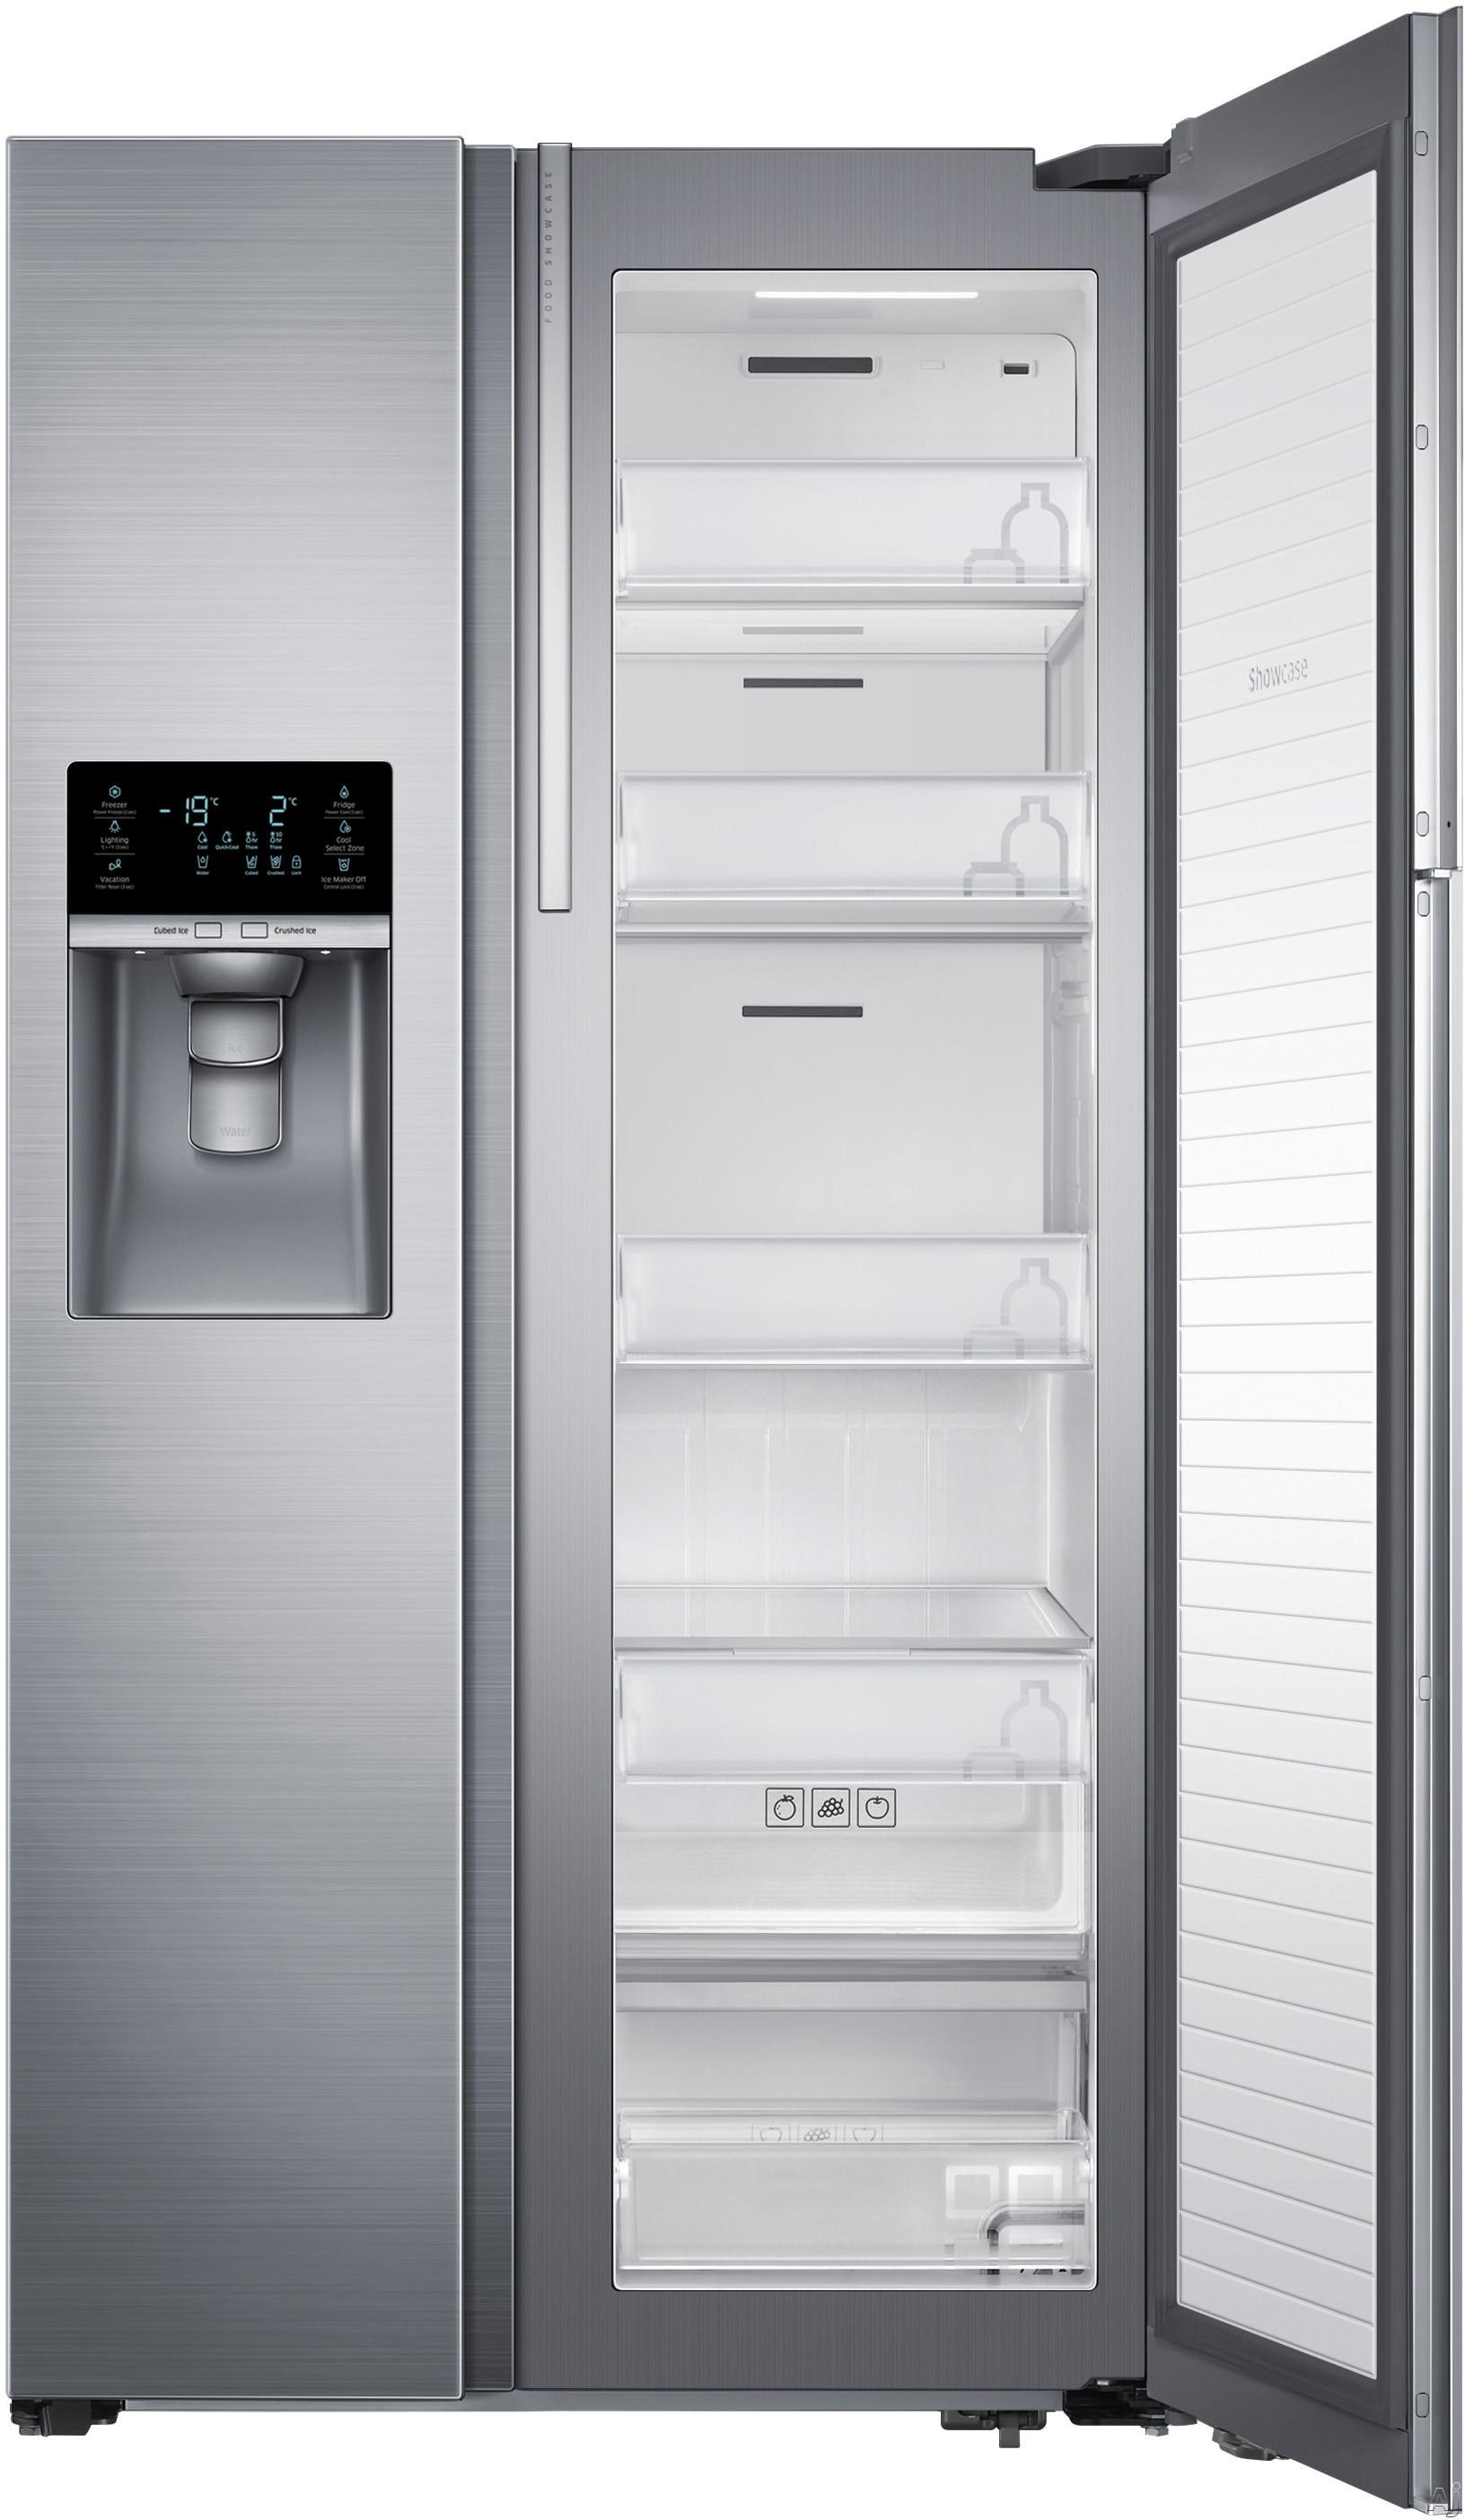 samsung rh29h8000sr 28 5 cu ft side by side refrigerator. Black Bedroom Furniture Sets. Home Design Ideas